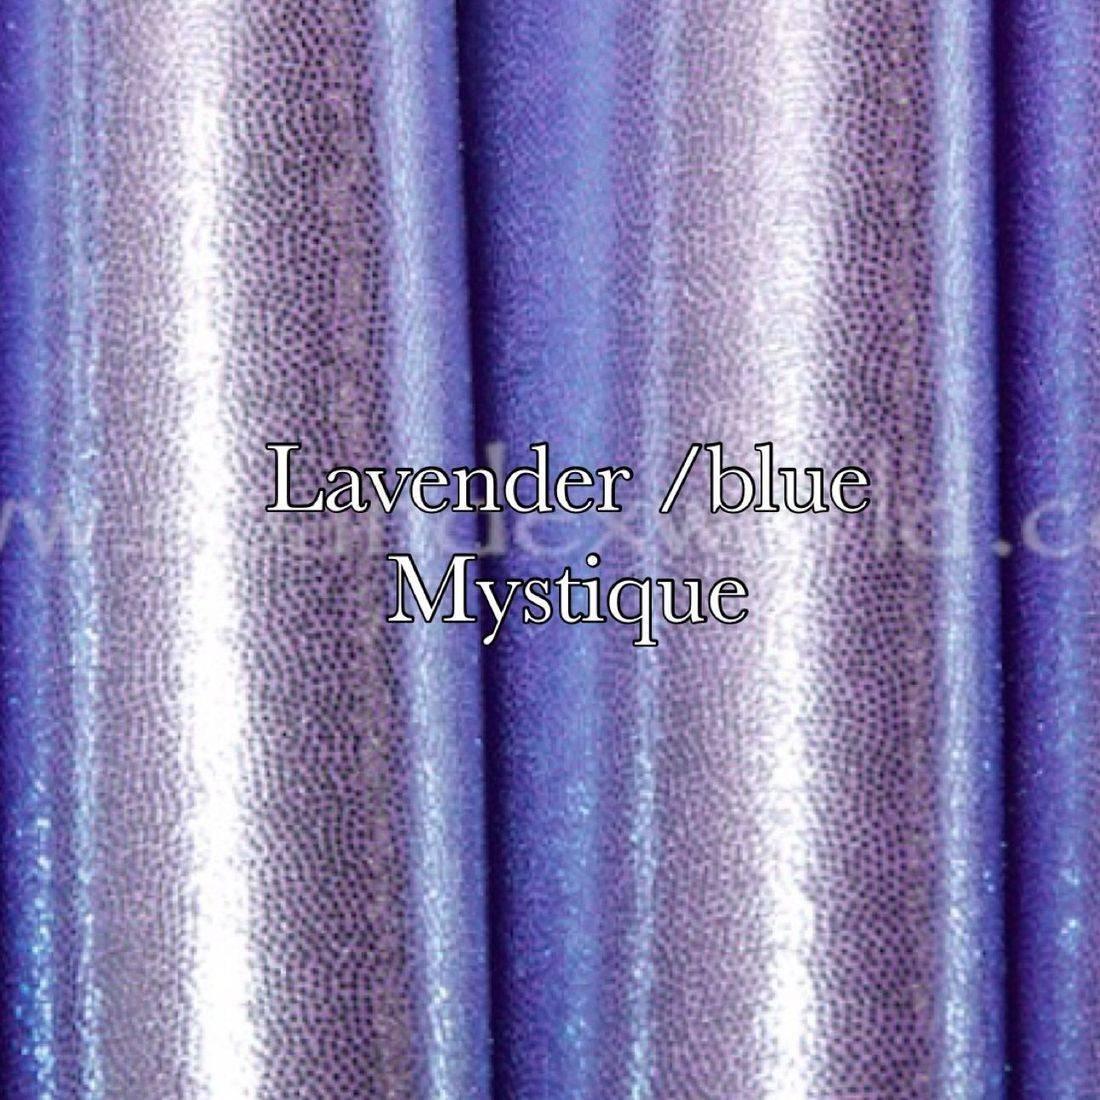 lavender blue mystique